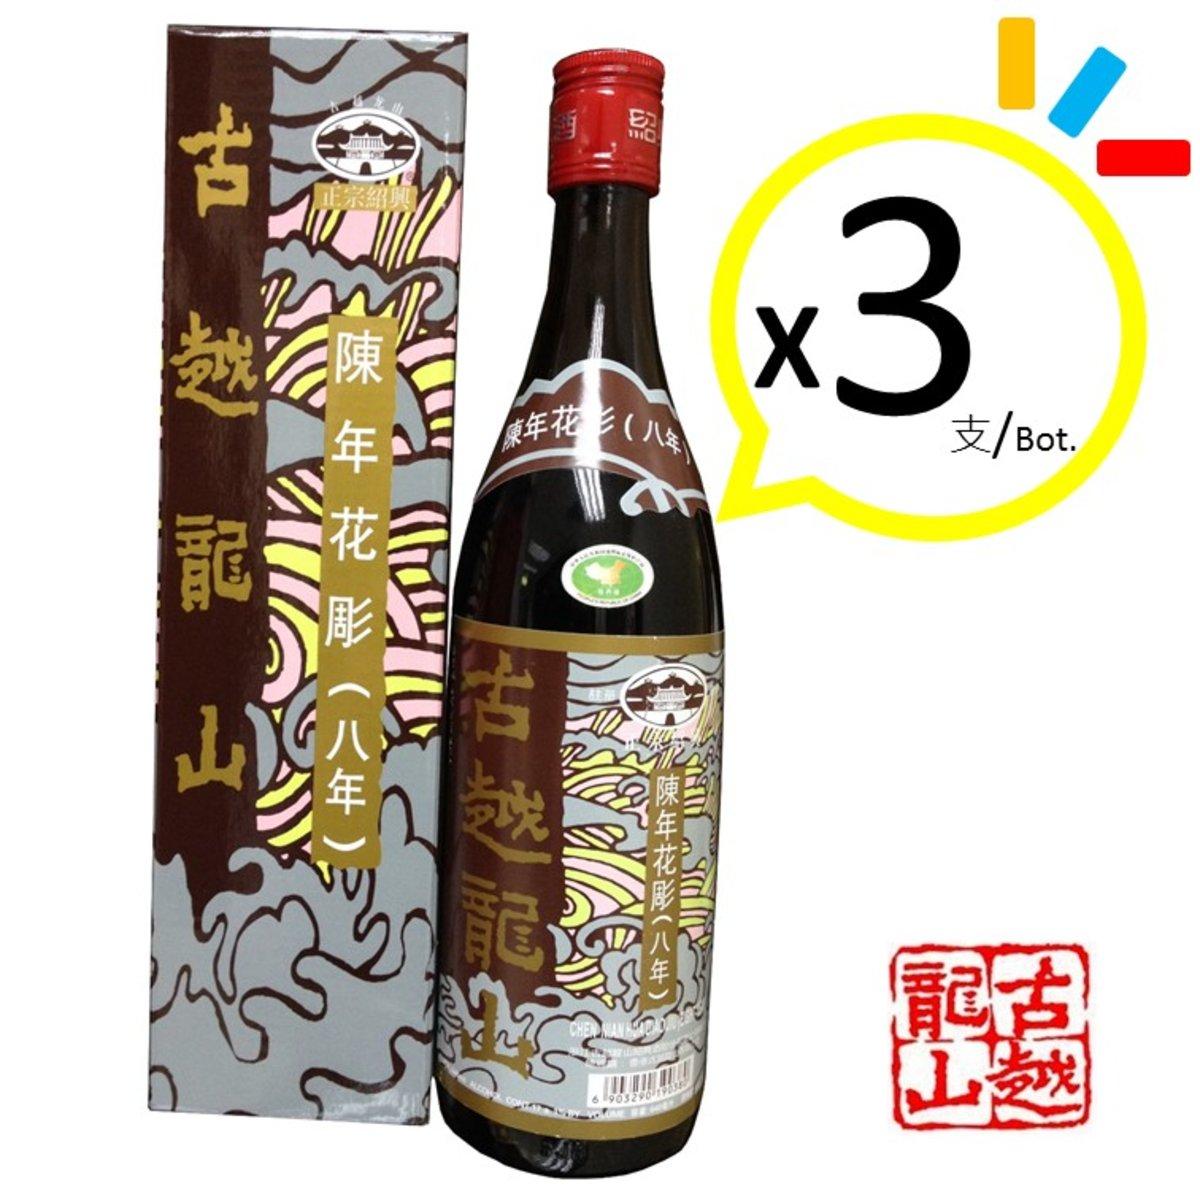 Chen Nian Shao Xing Hua Diao Wine 8 Years x3 Bottles